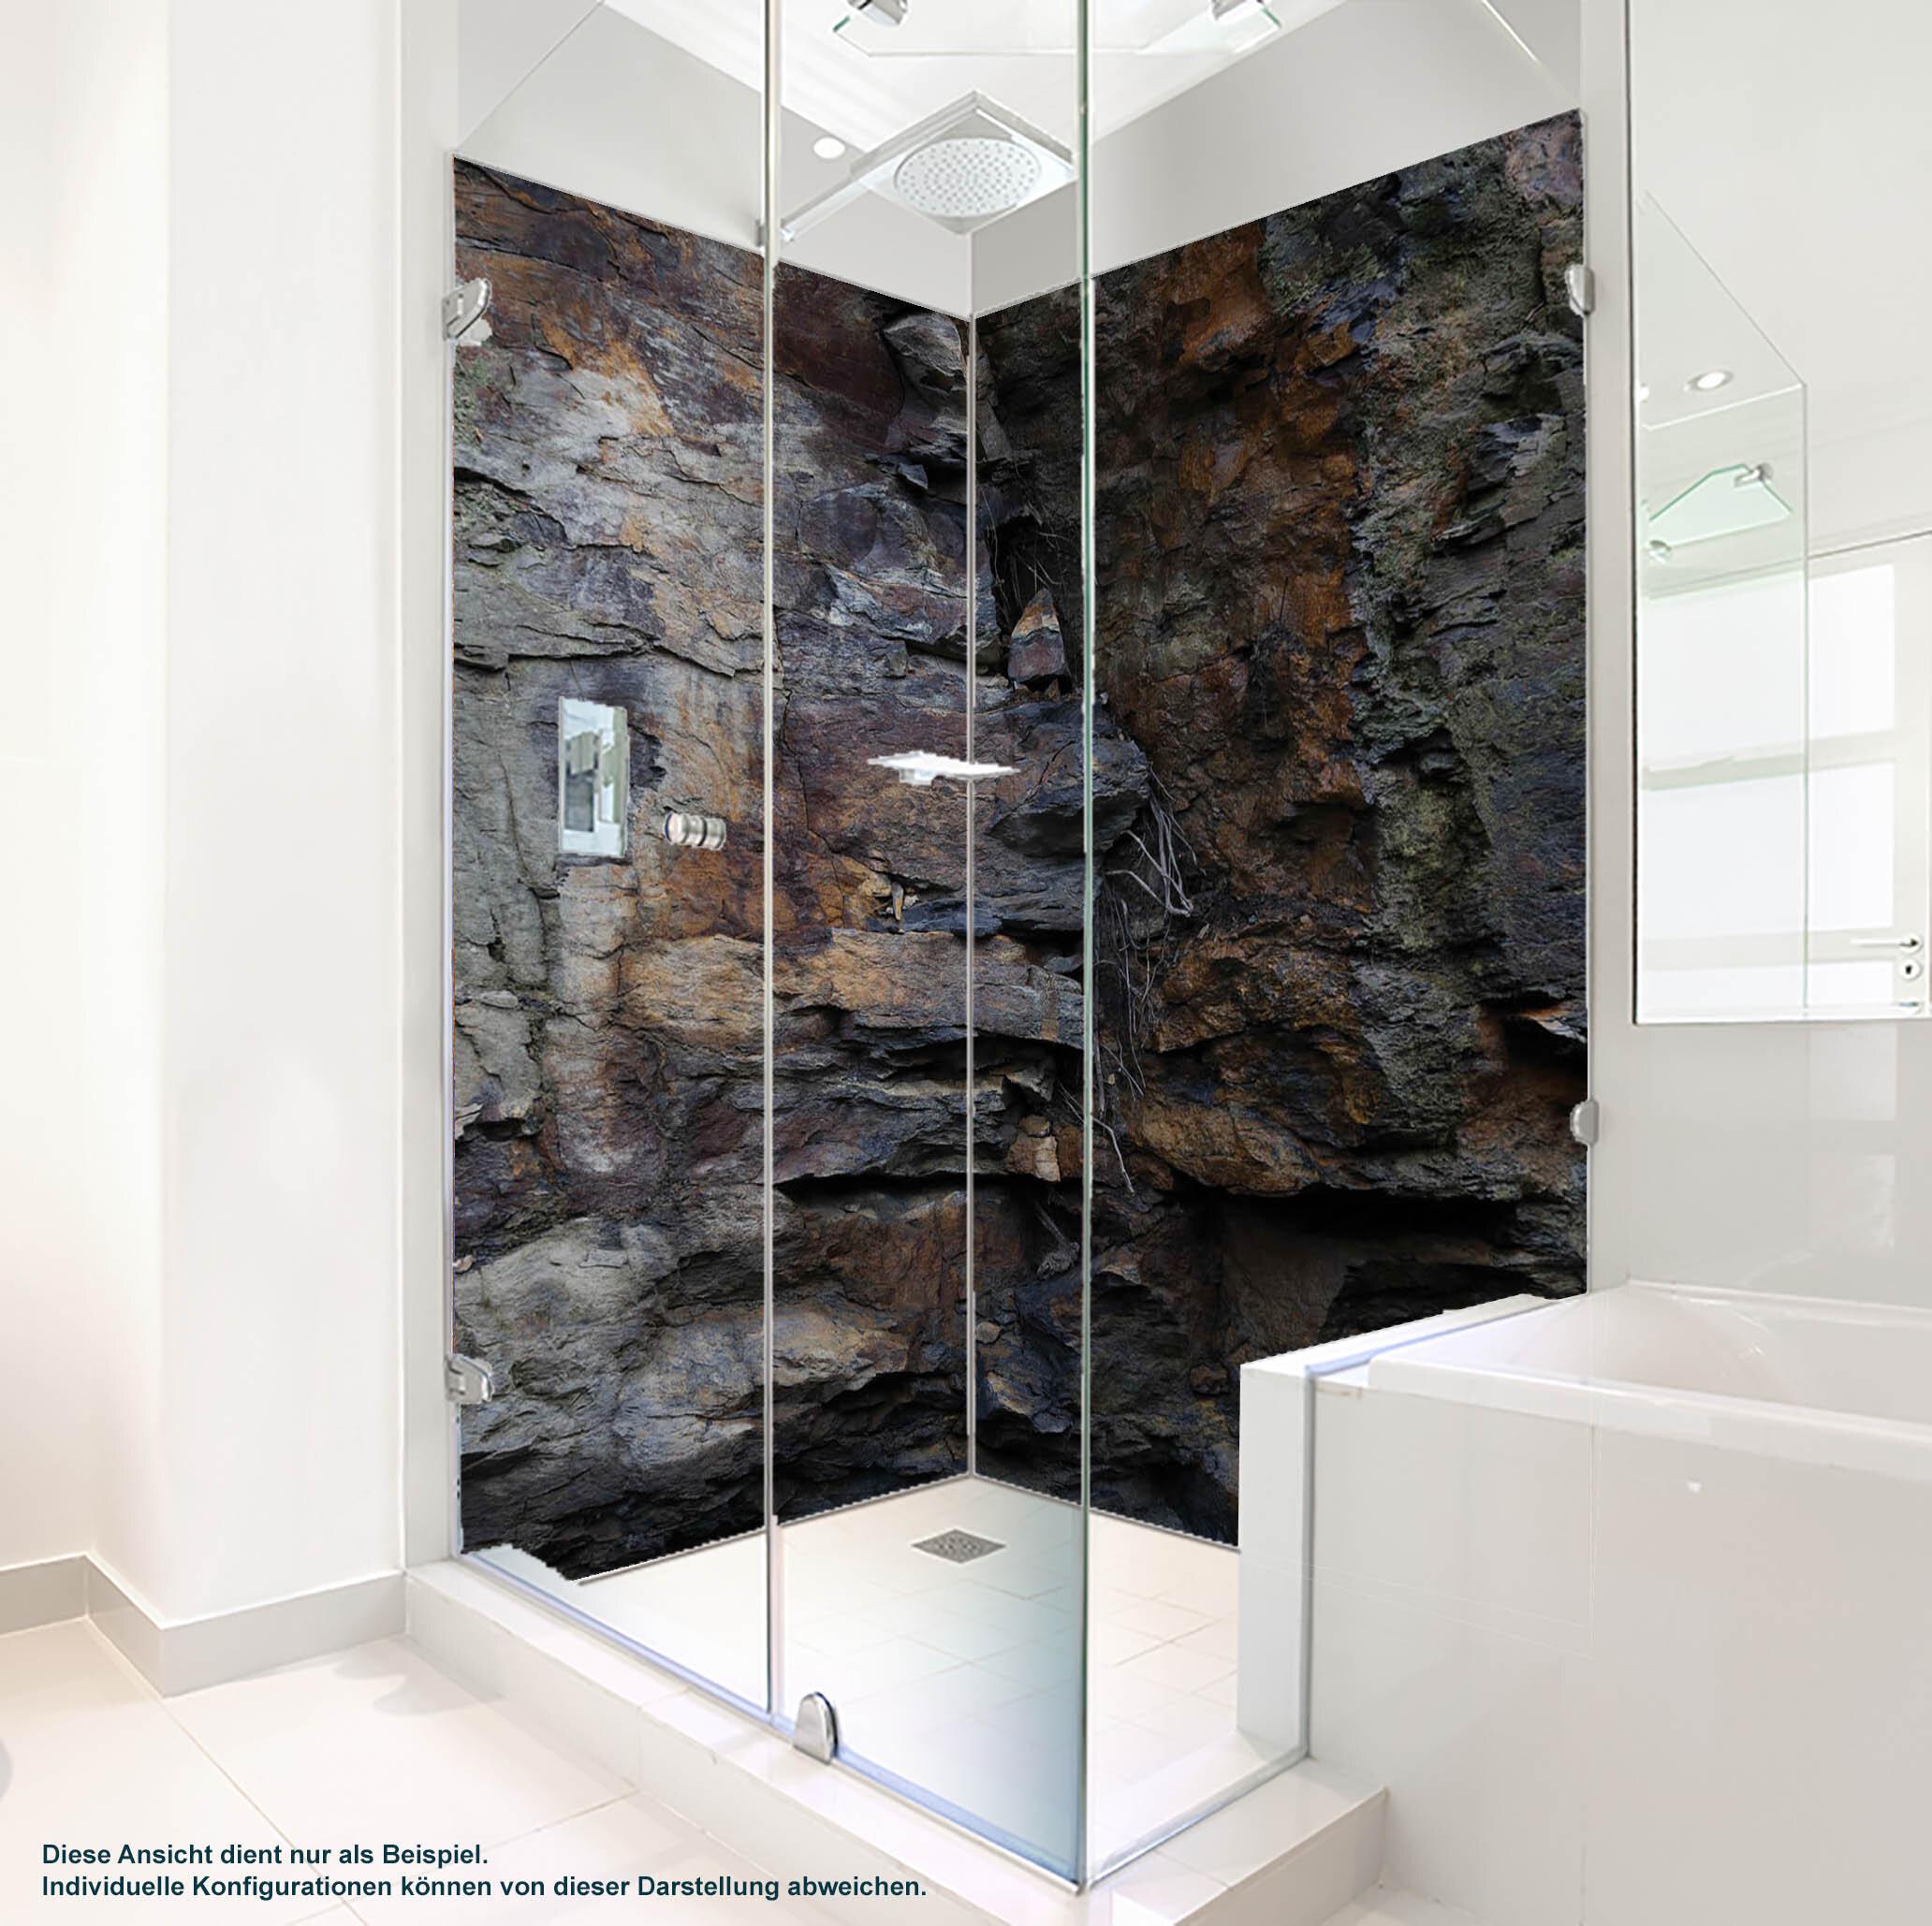 Dusche PlateART Duschrückwand mit Motiv Steinwand Fels